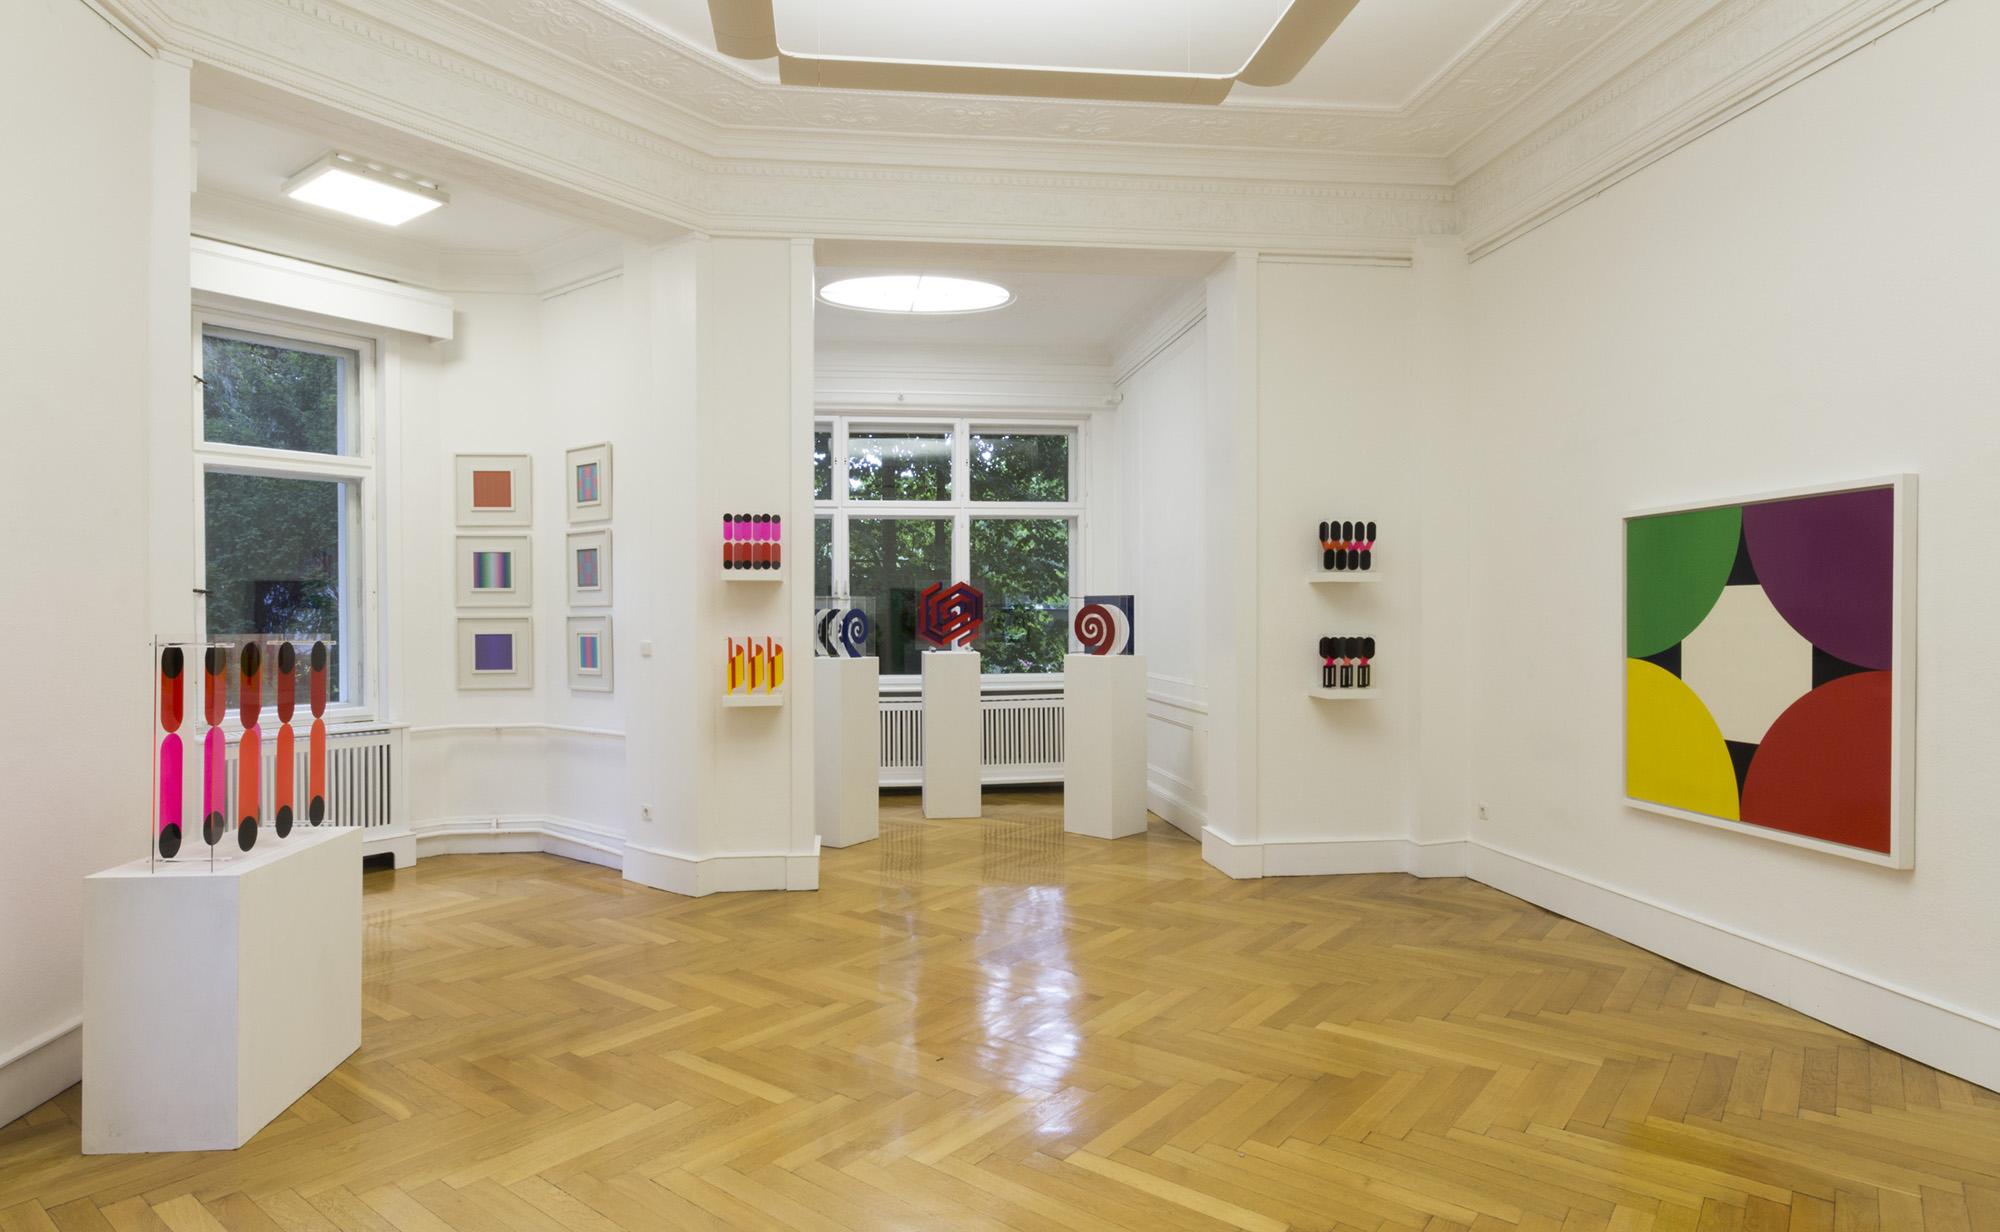 Abstract Meeting – Raumansicht